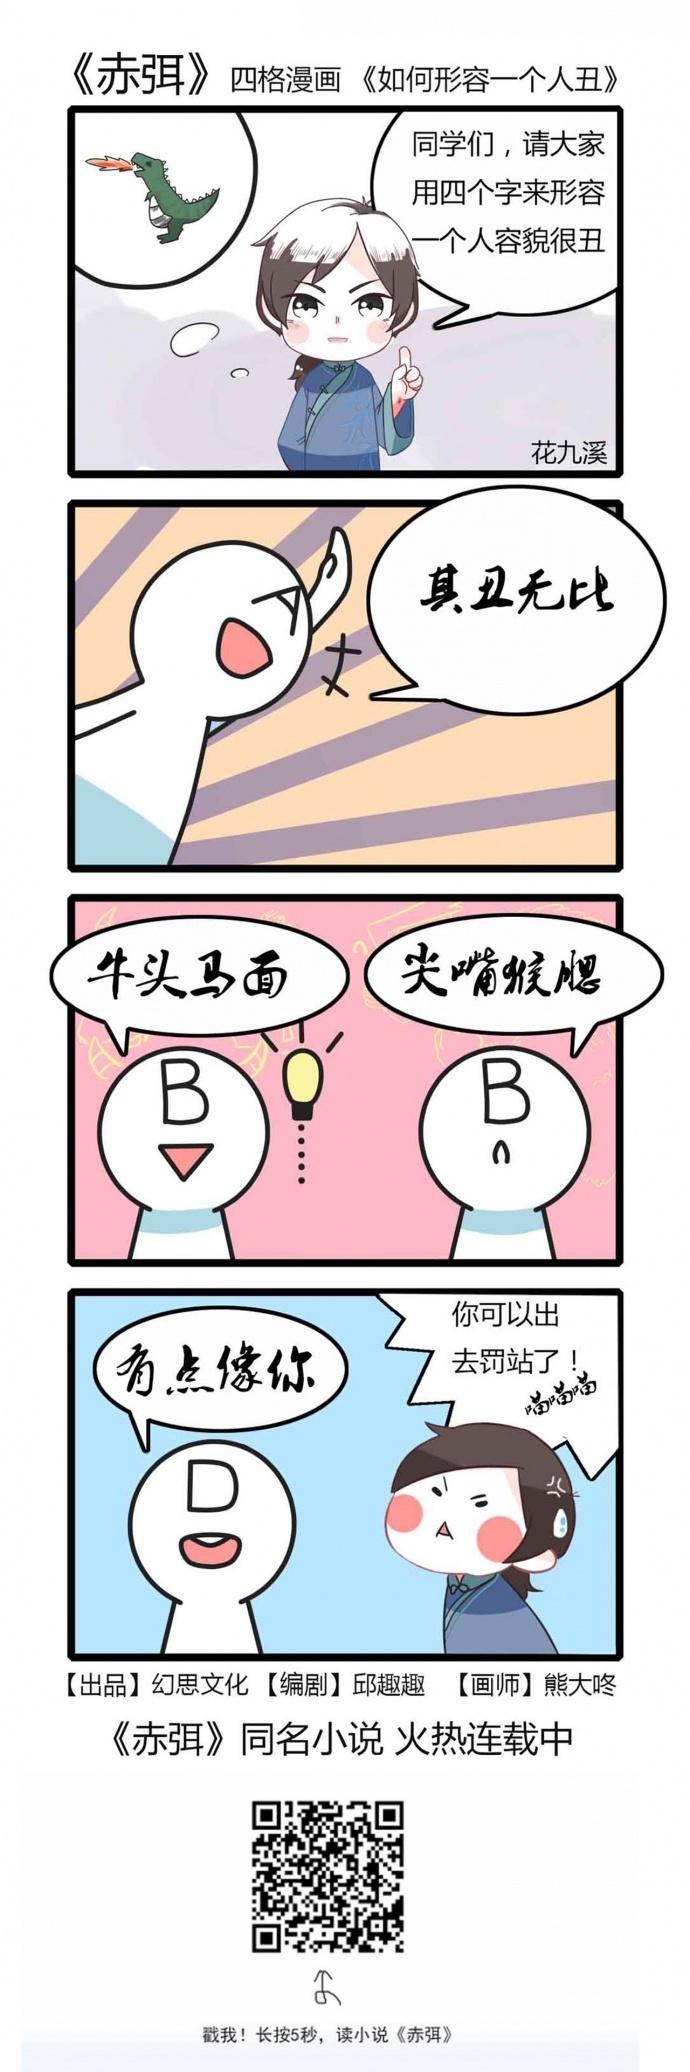 《赤弭》四格漫画 《如何形容一个人丑》